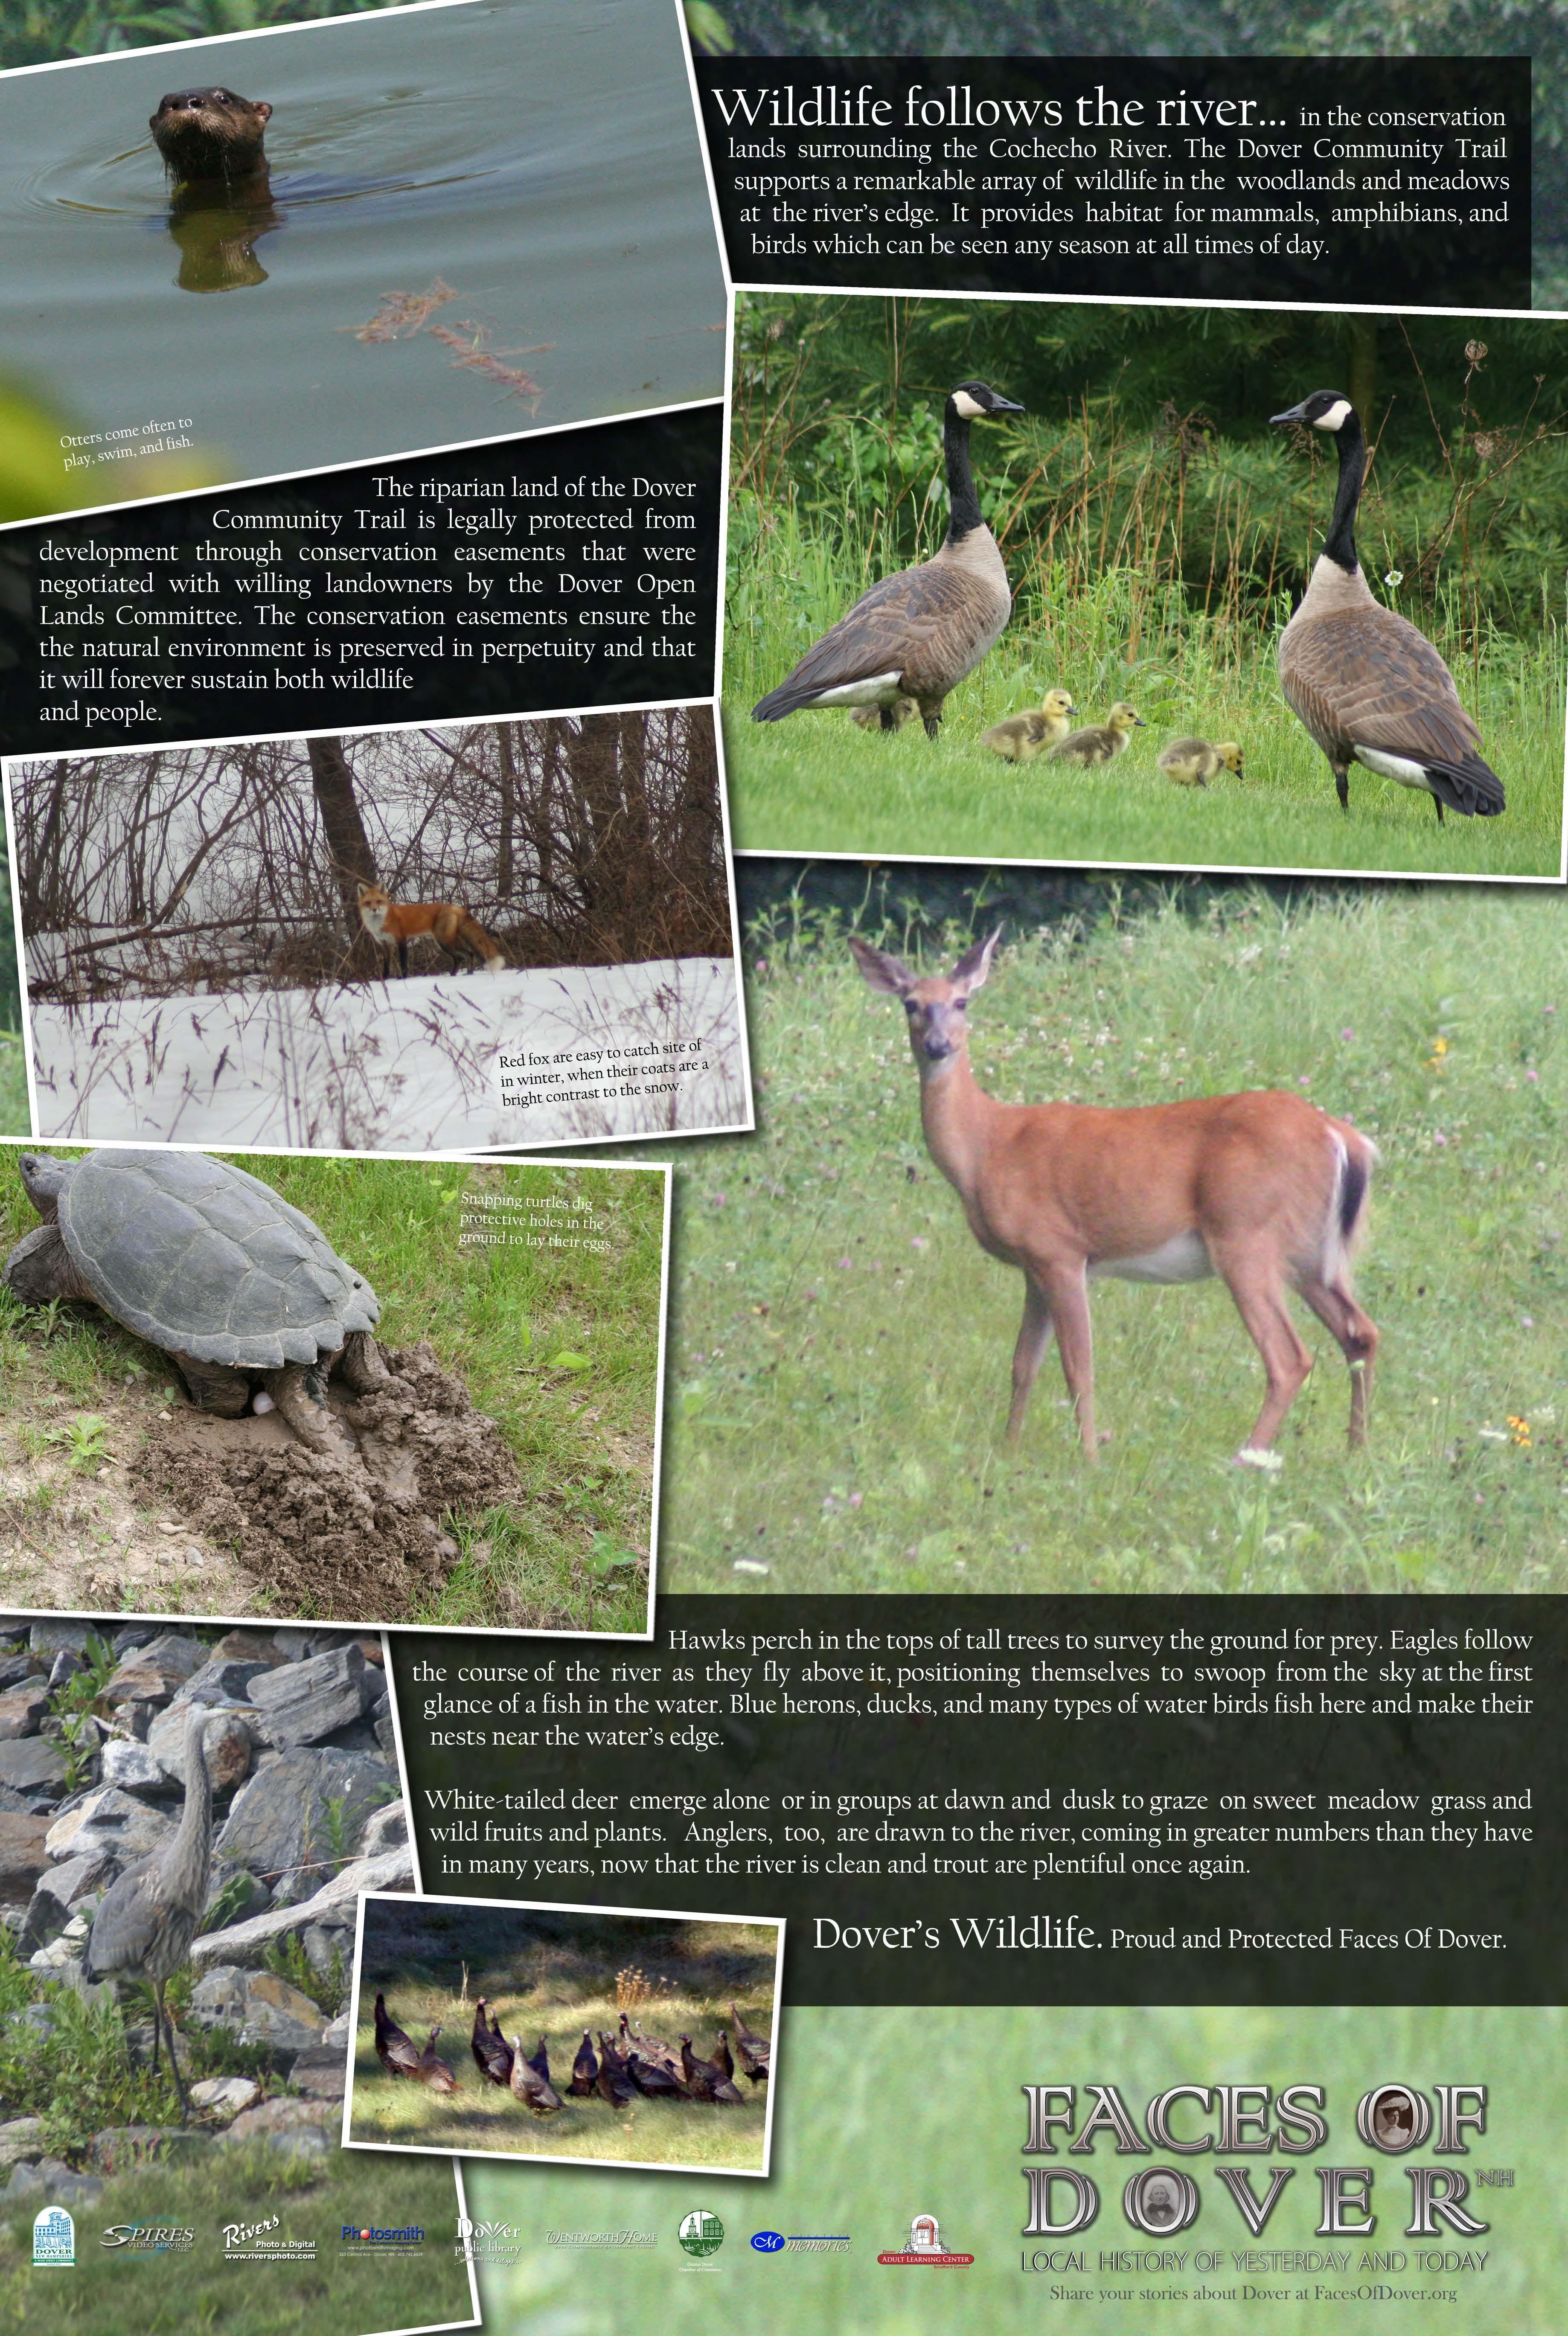 Dover's Wildlife